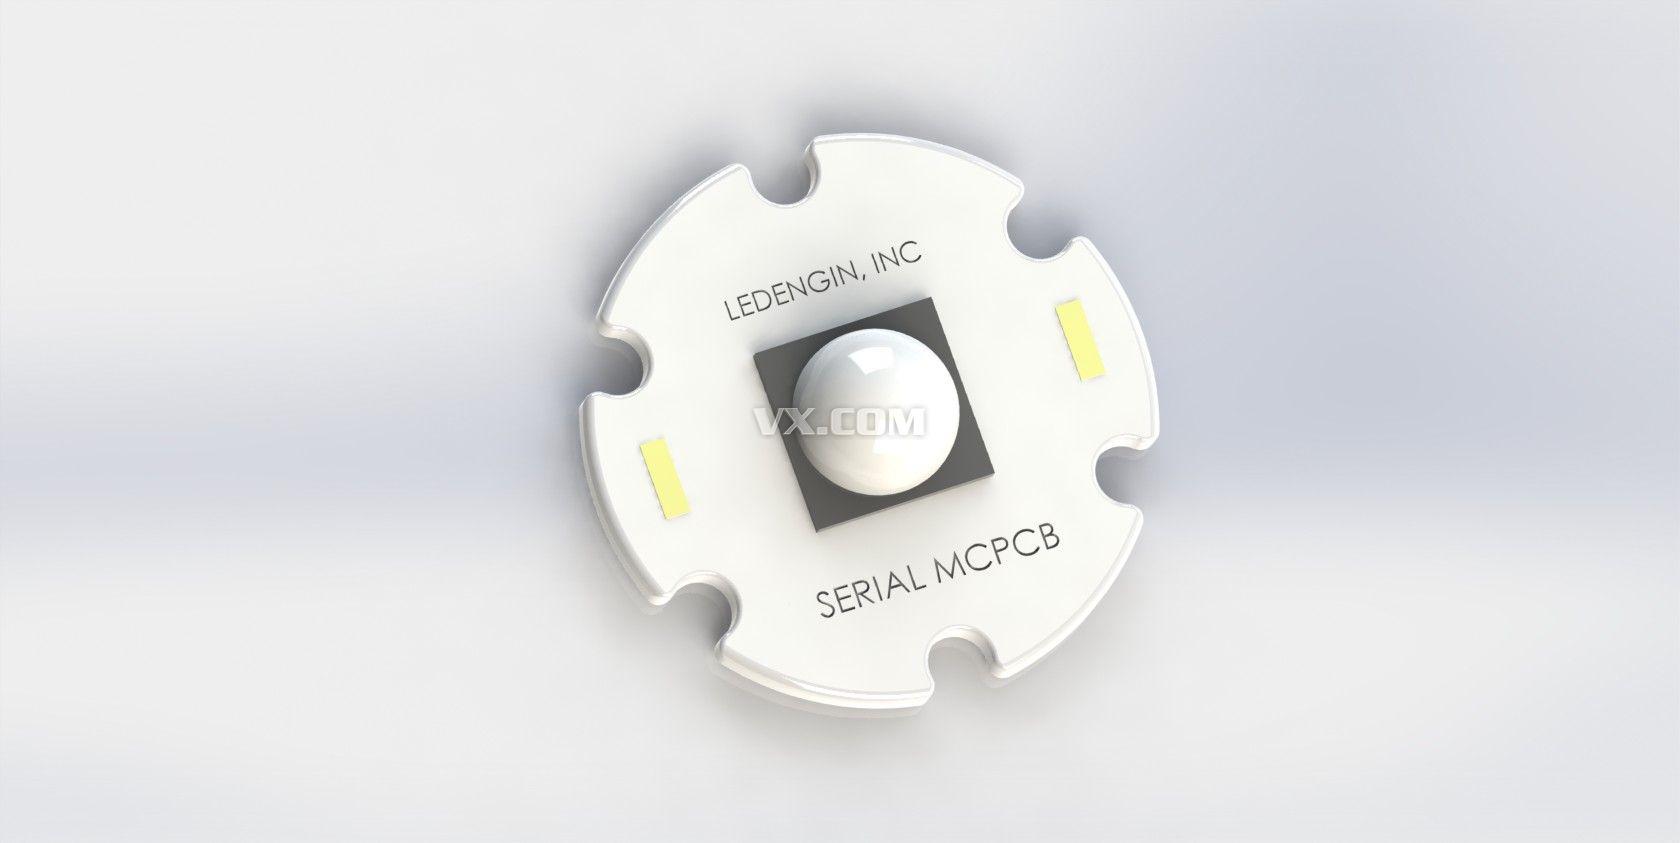 solidworks led平板灯设计图纸_solidworks_家用电器